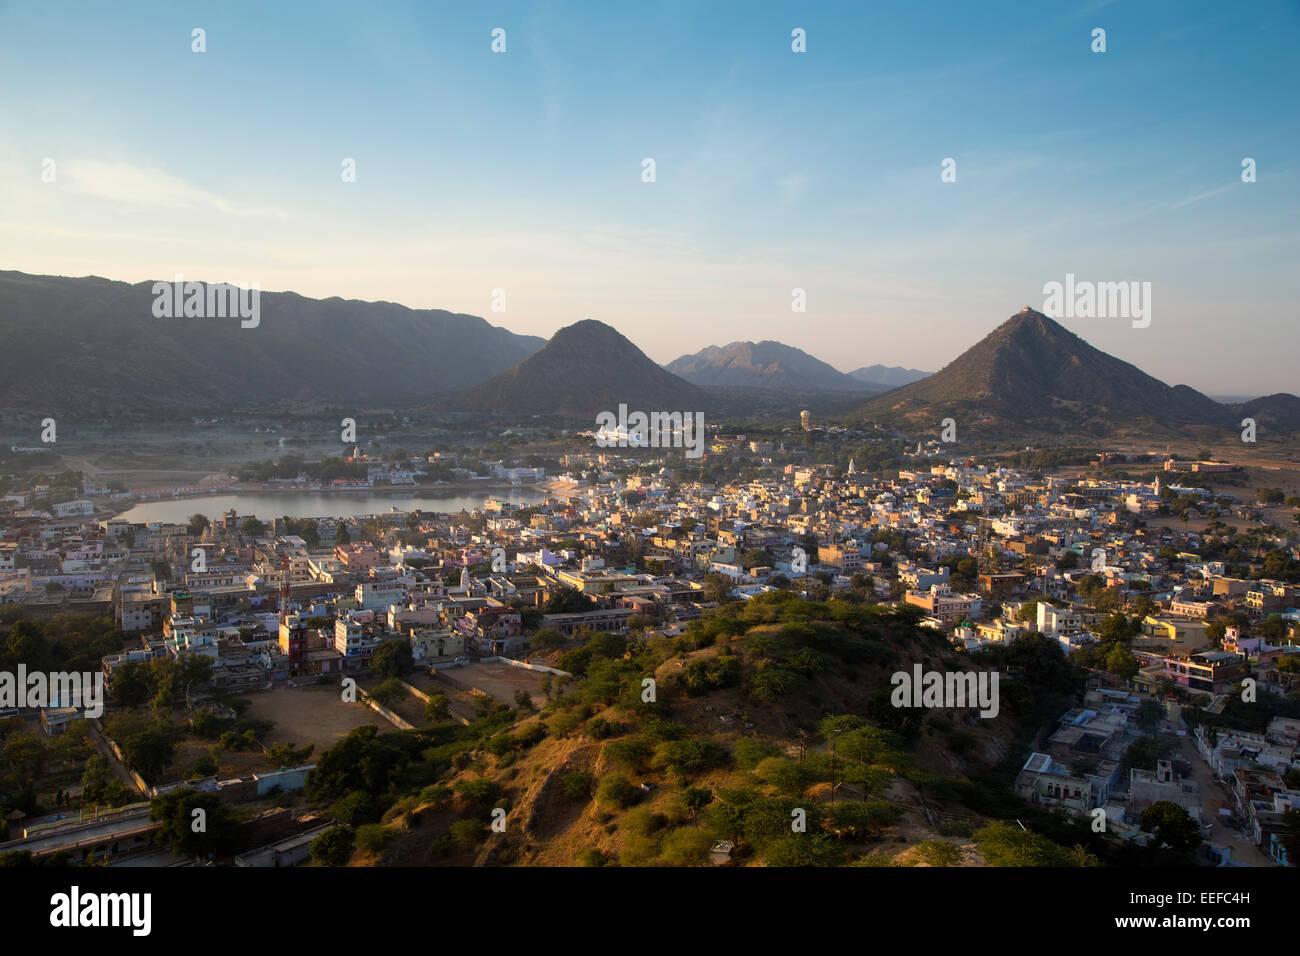 India, Rajasthan, Pushkar at dawn - Stock Image